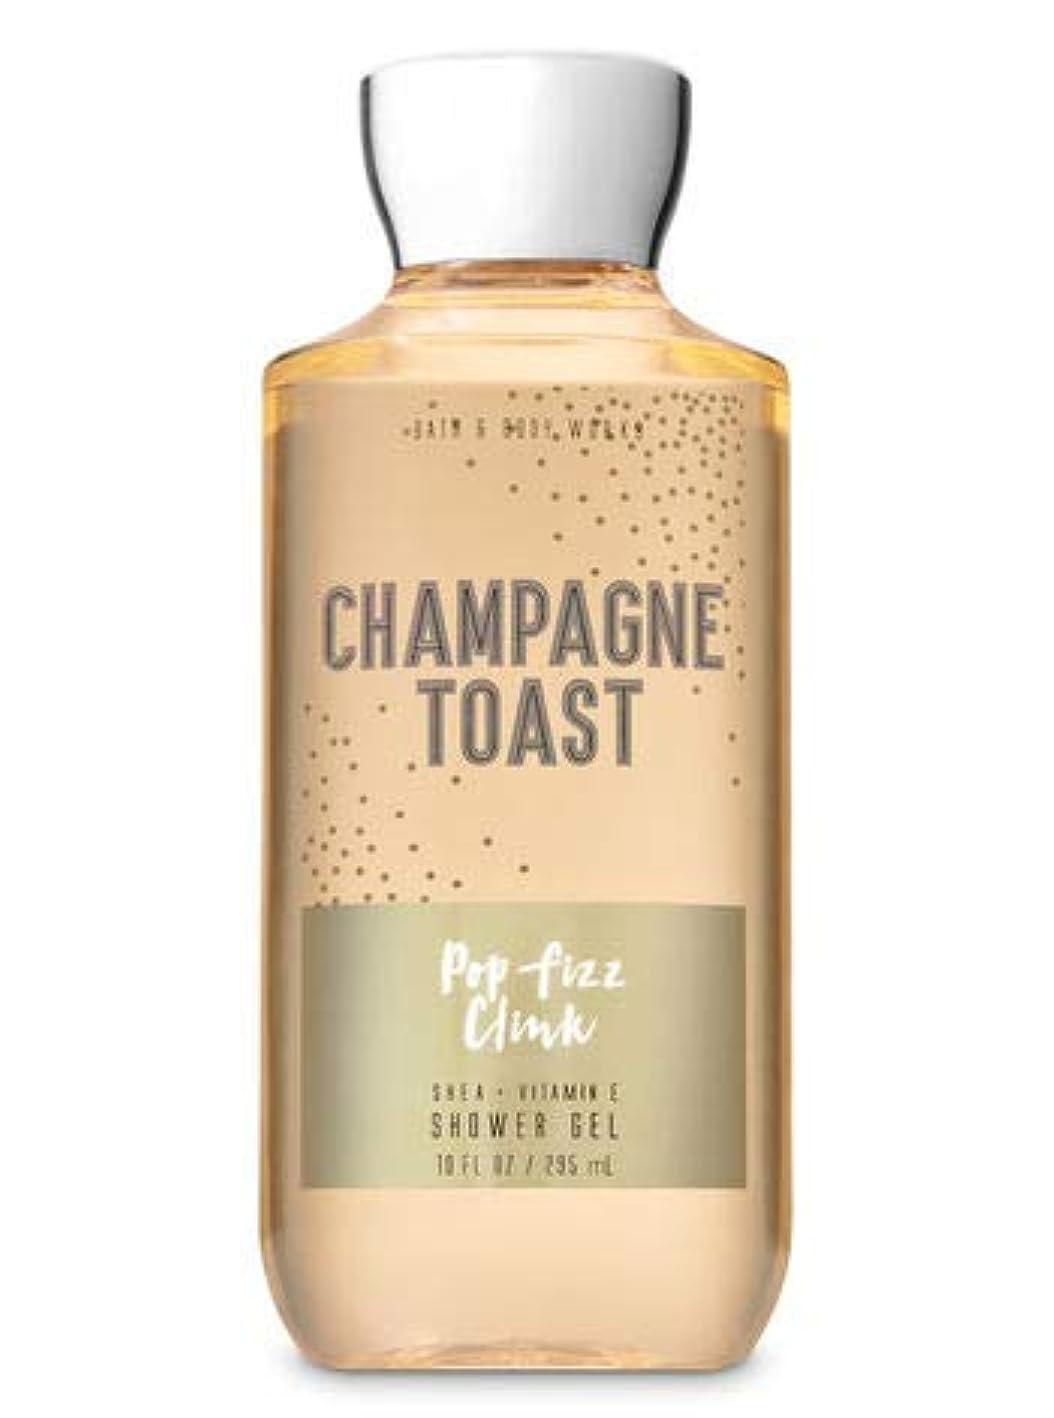 ハンサムファウル放牧する【Bath&Body Works/バス&ボディワークス】 シャワージェル シャンパントースト Shower Gel Champagne Toast 10 fl oz / 295 mL [並行輸入品]